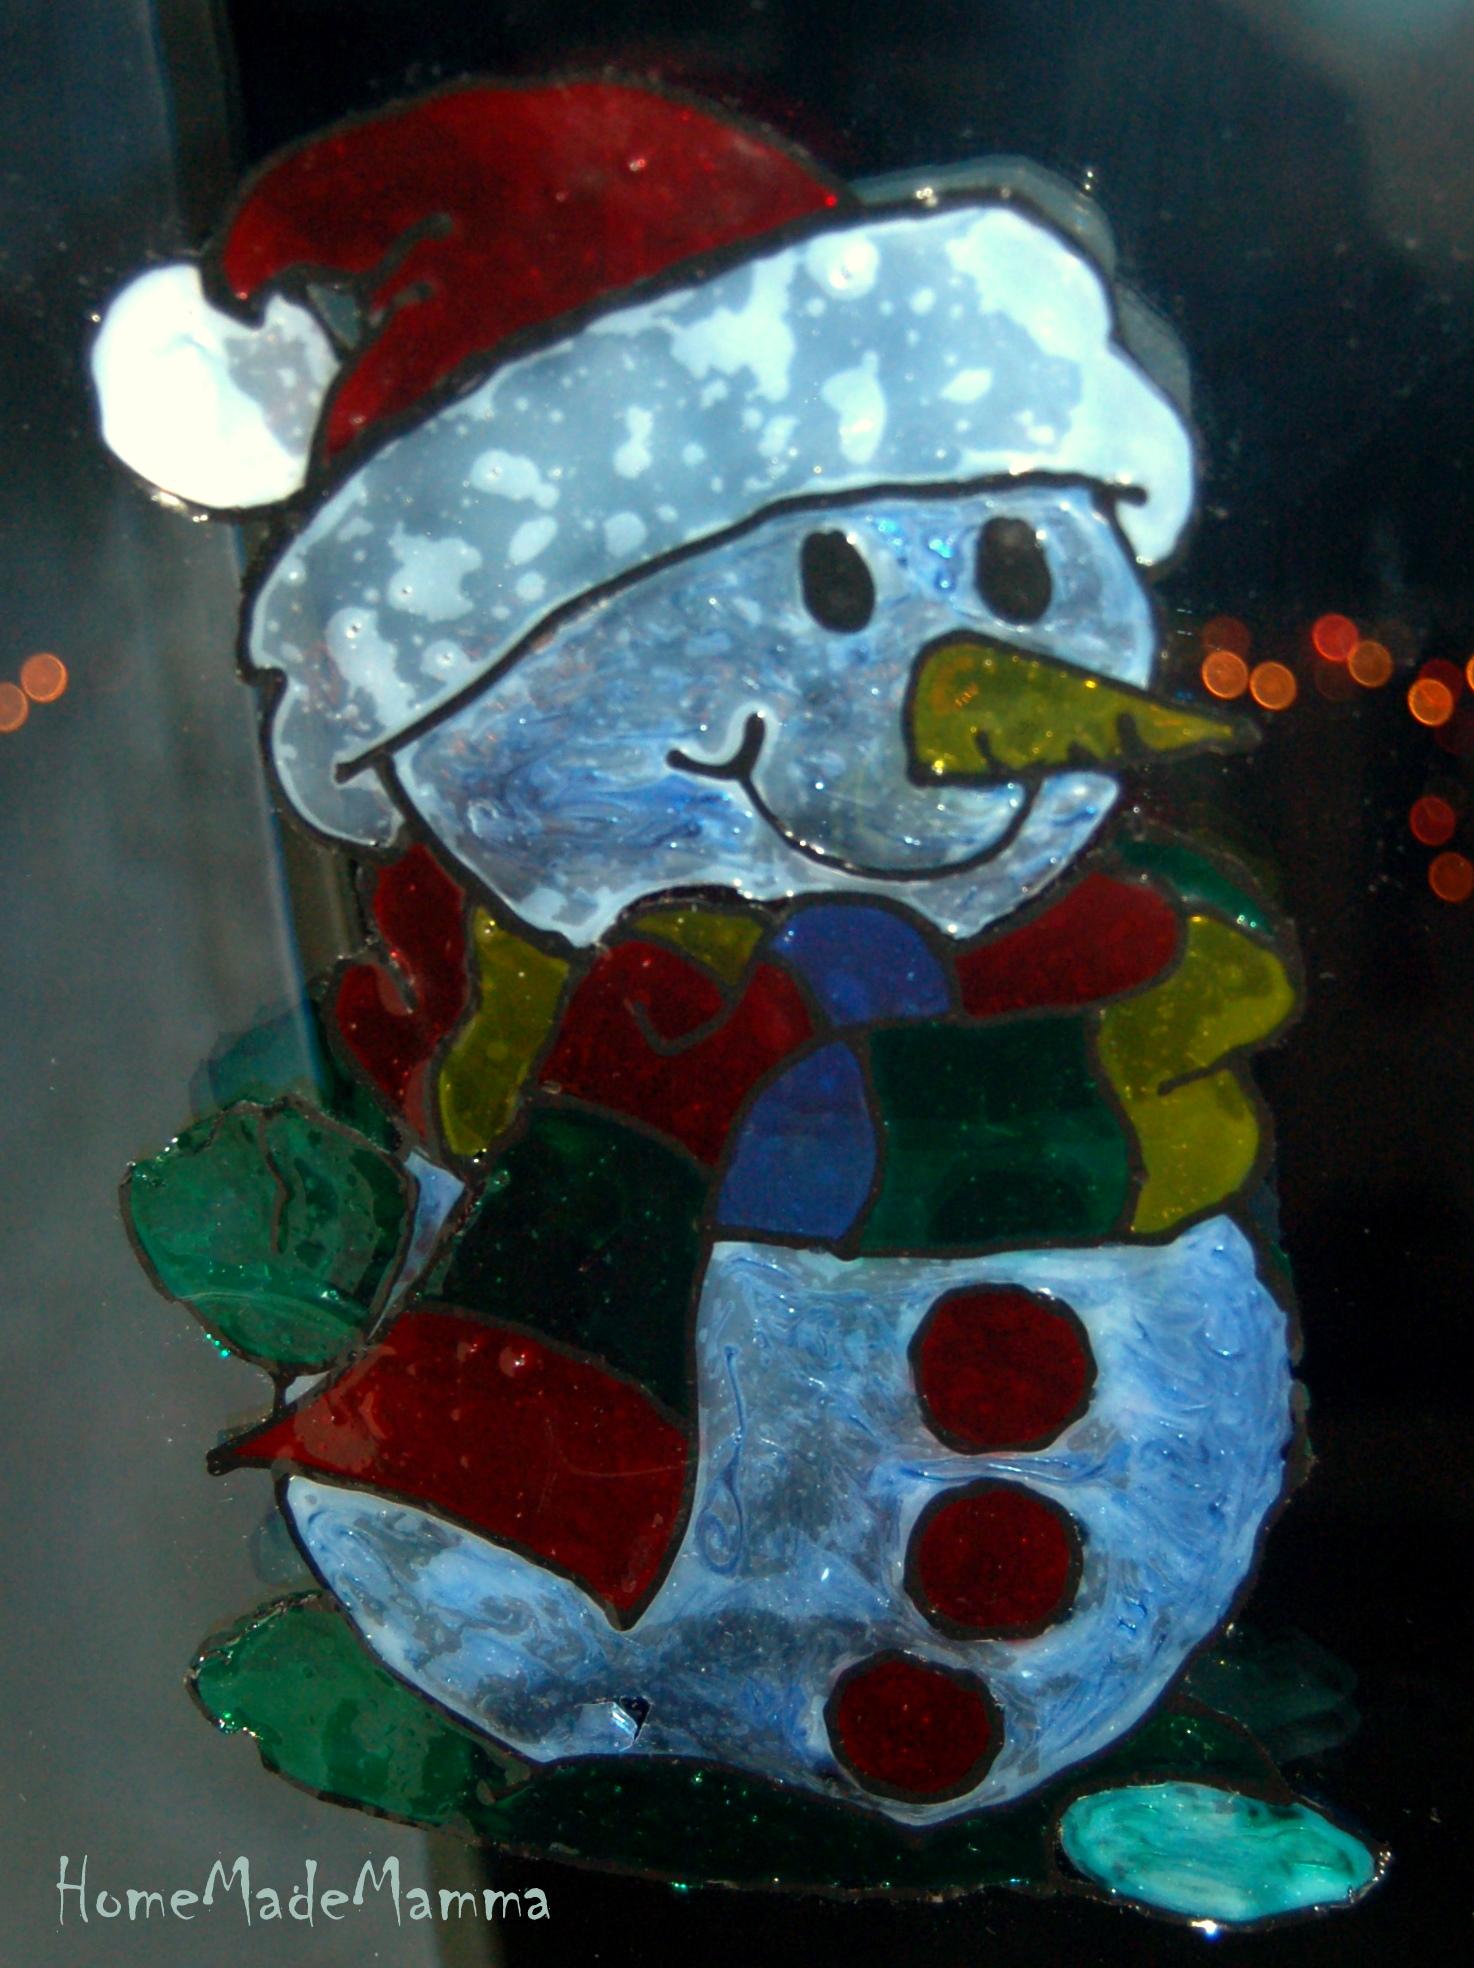 Addobbi natalizi per finestre scuola infanzia for Addobbi finestre natale scuola infanzia